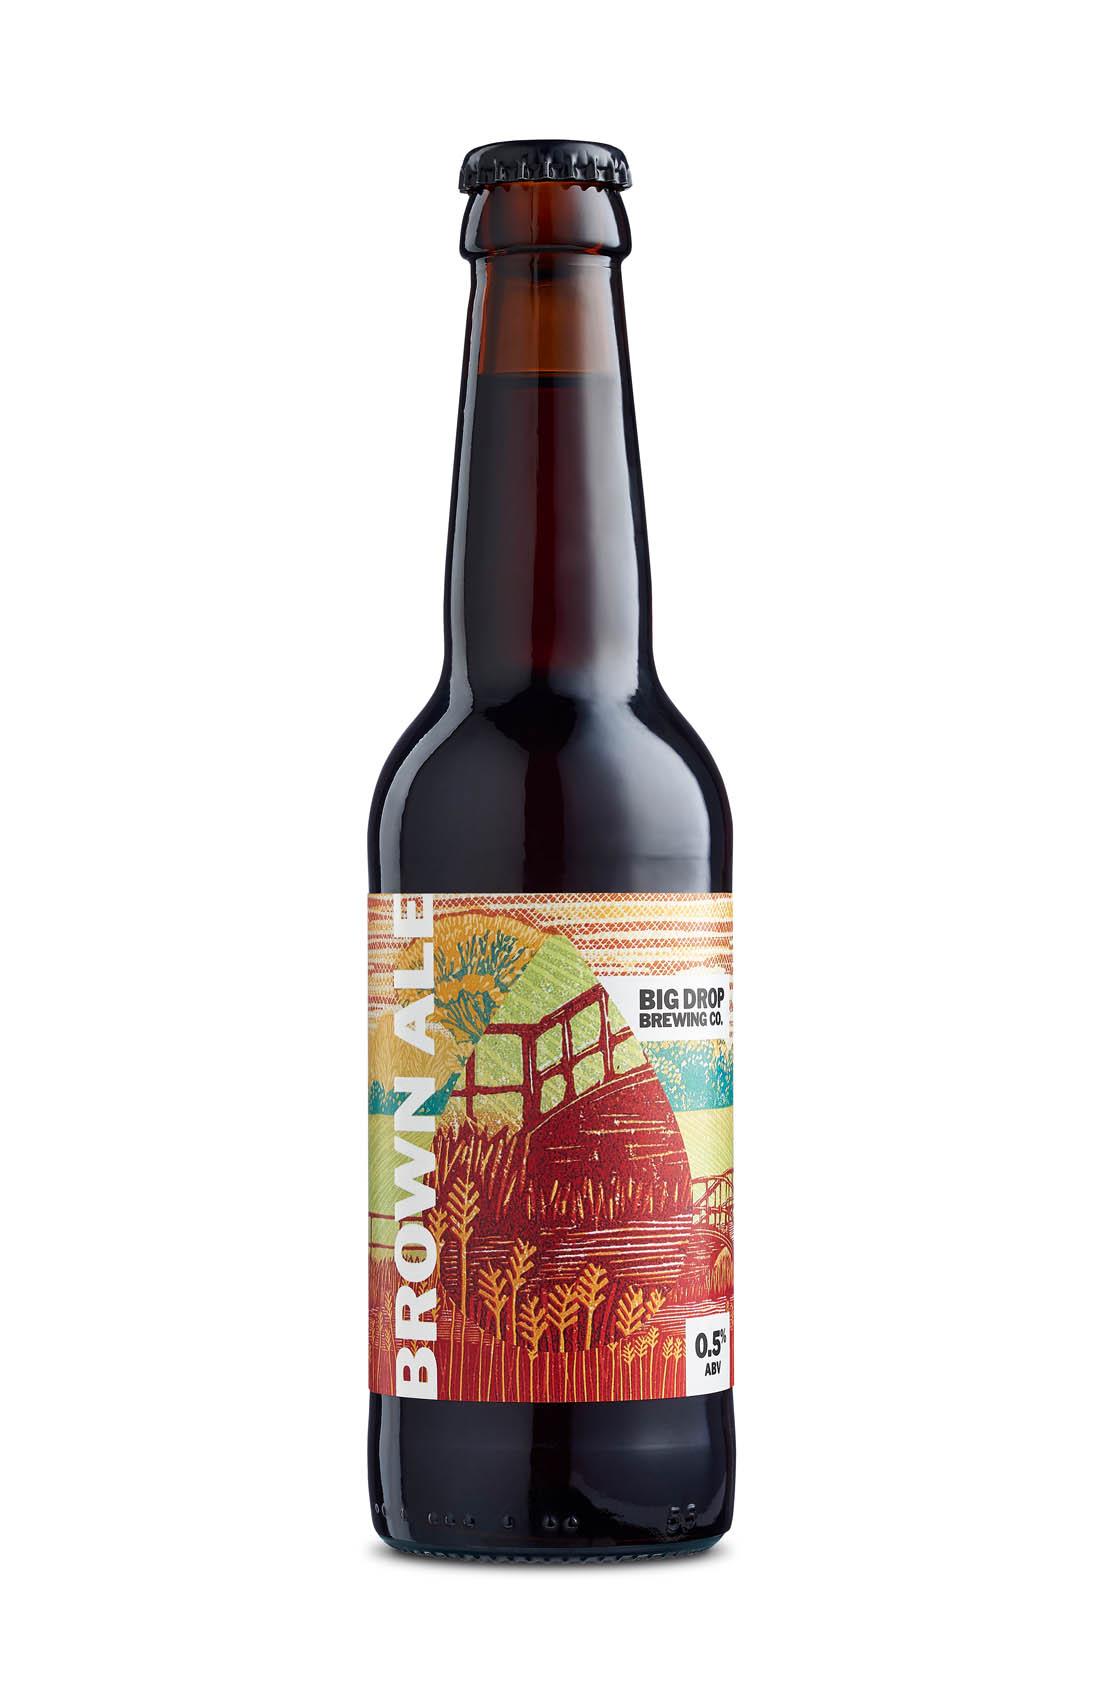 Big Drop Brown Ale